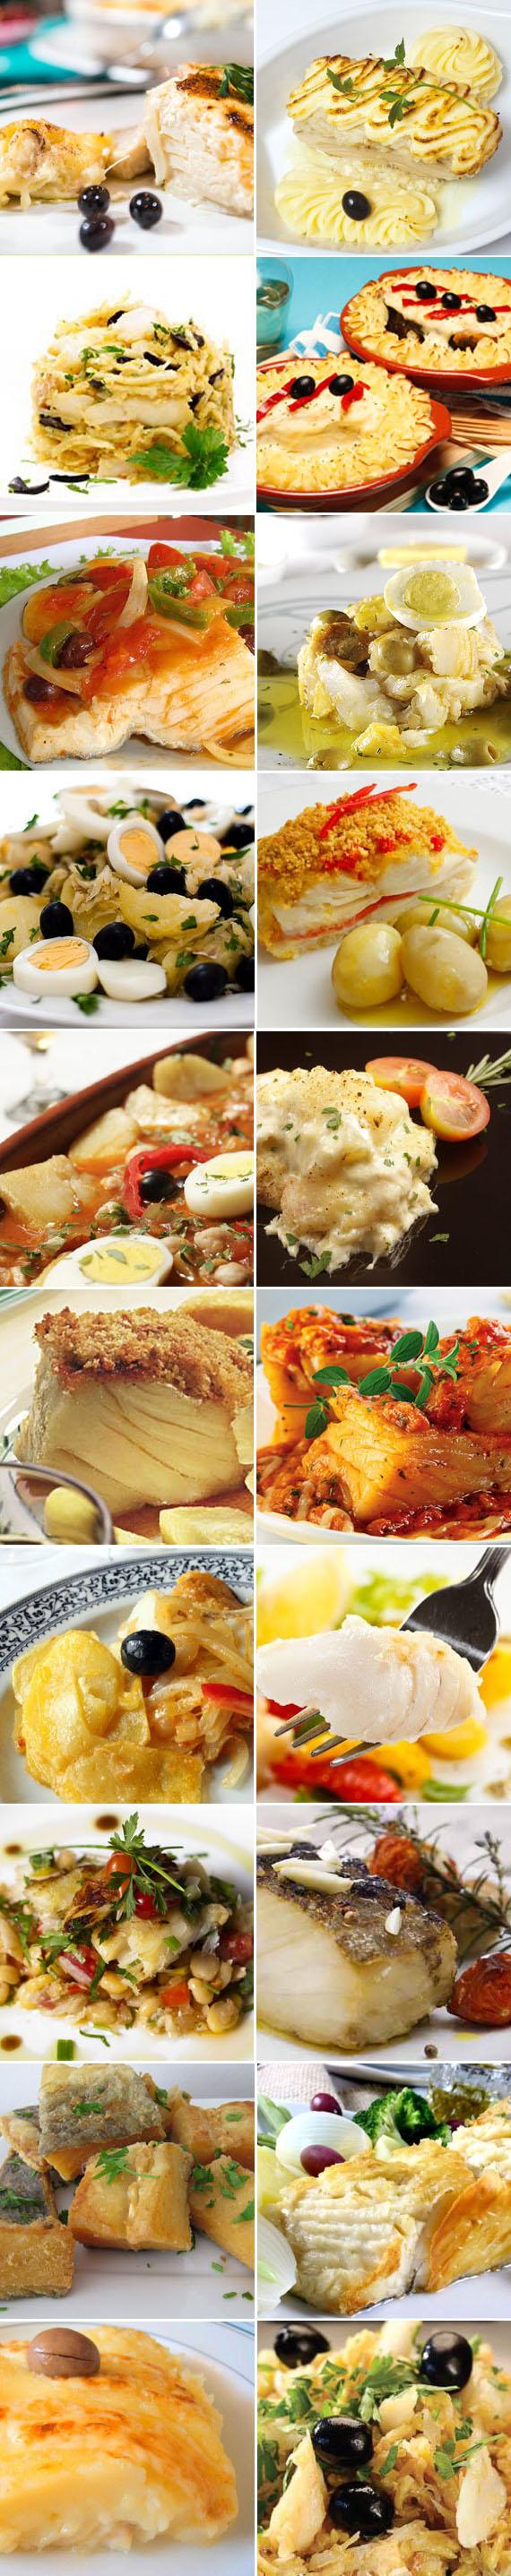 Produit portugais morue la portugaise - Livre cuisine portugaise ...